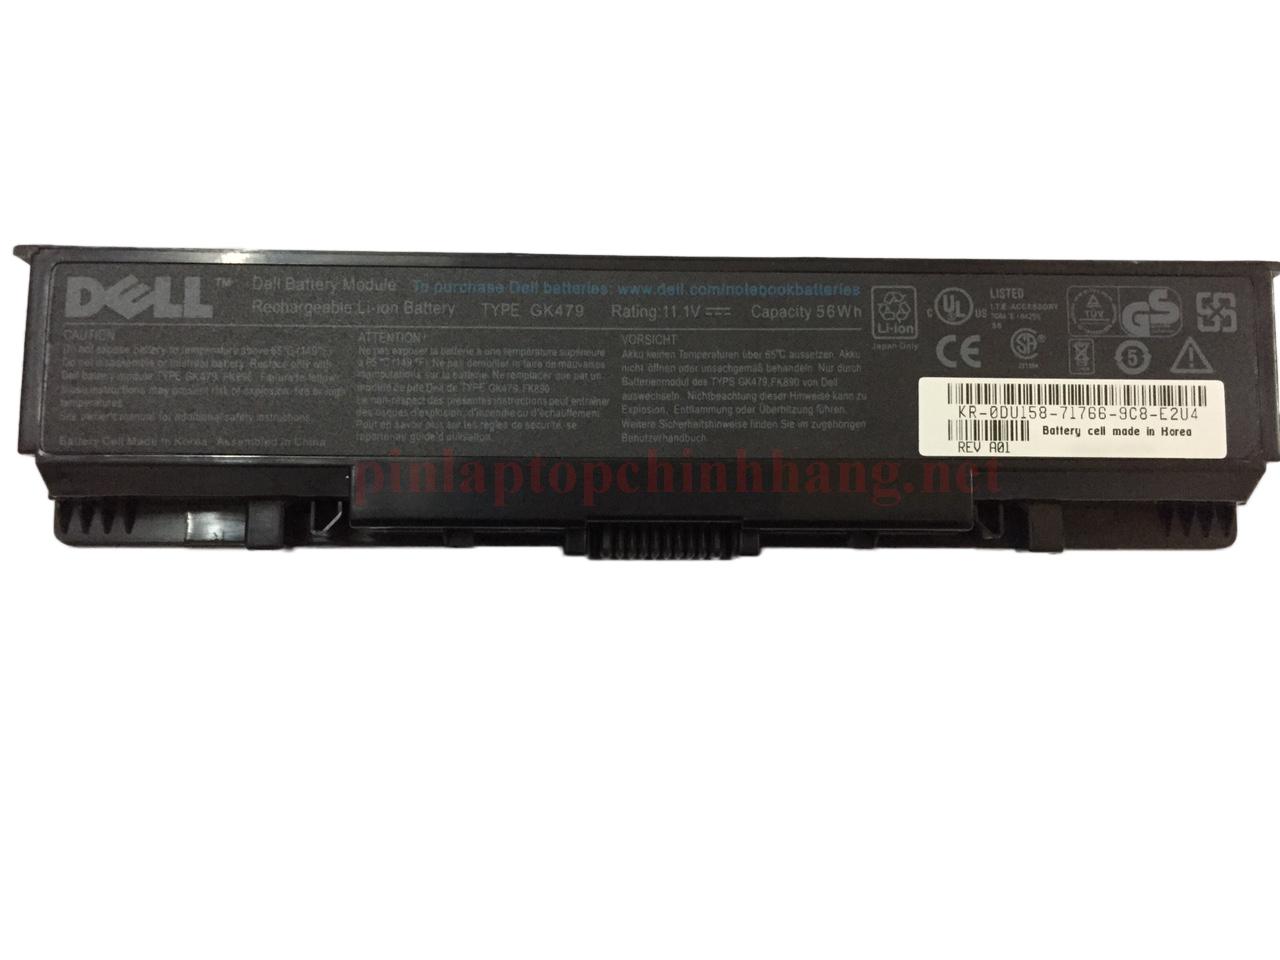 Pin laptop chính hãng Dell Inspiron 1520 1521 1720 1721 1500 1700